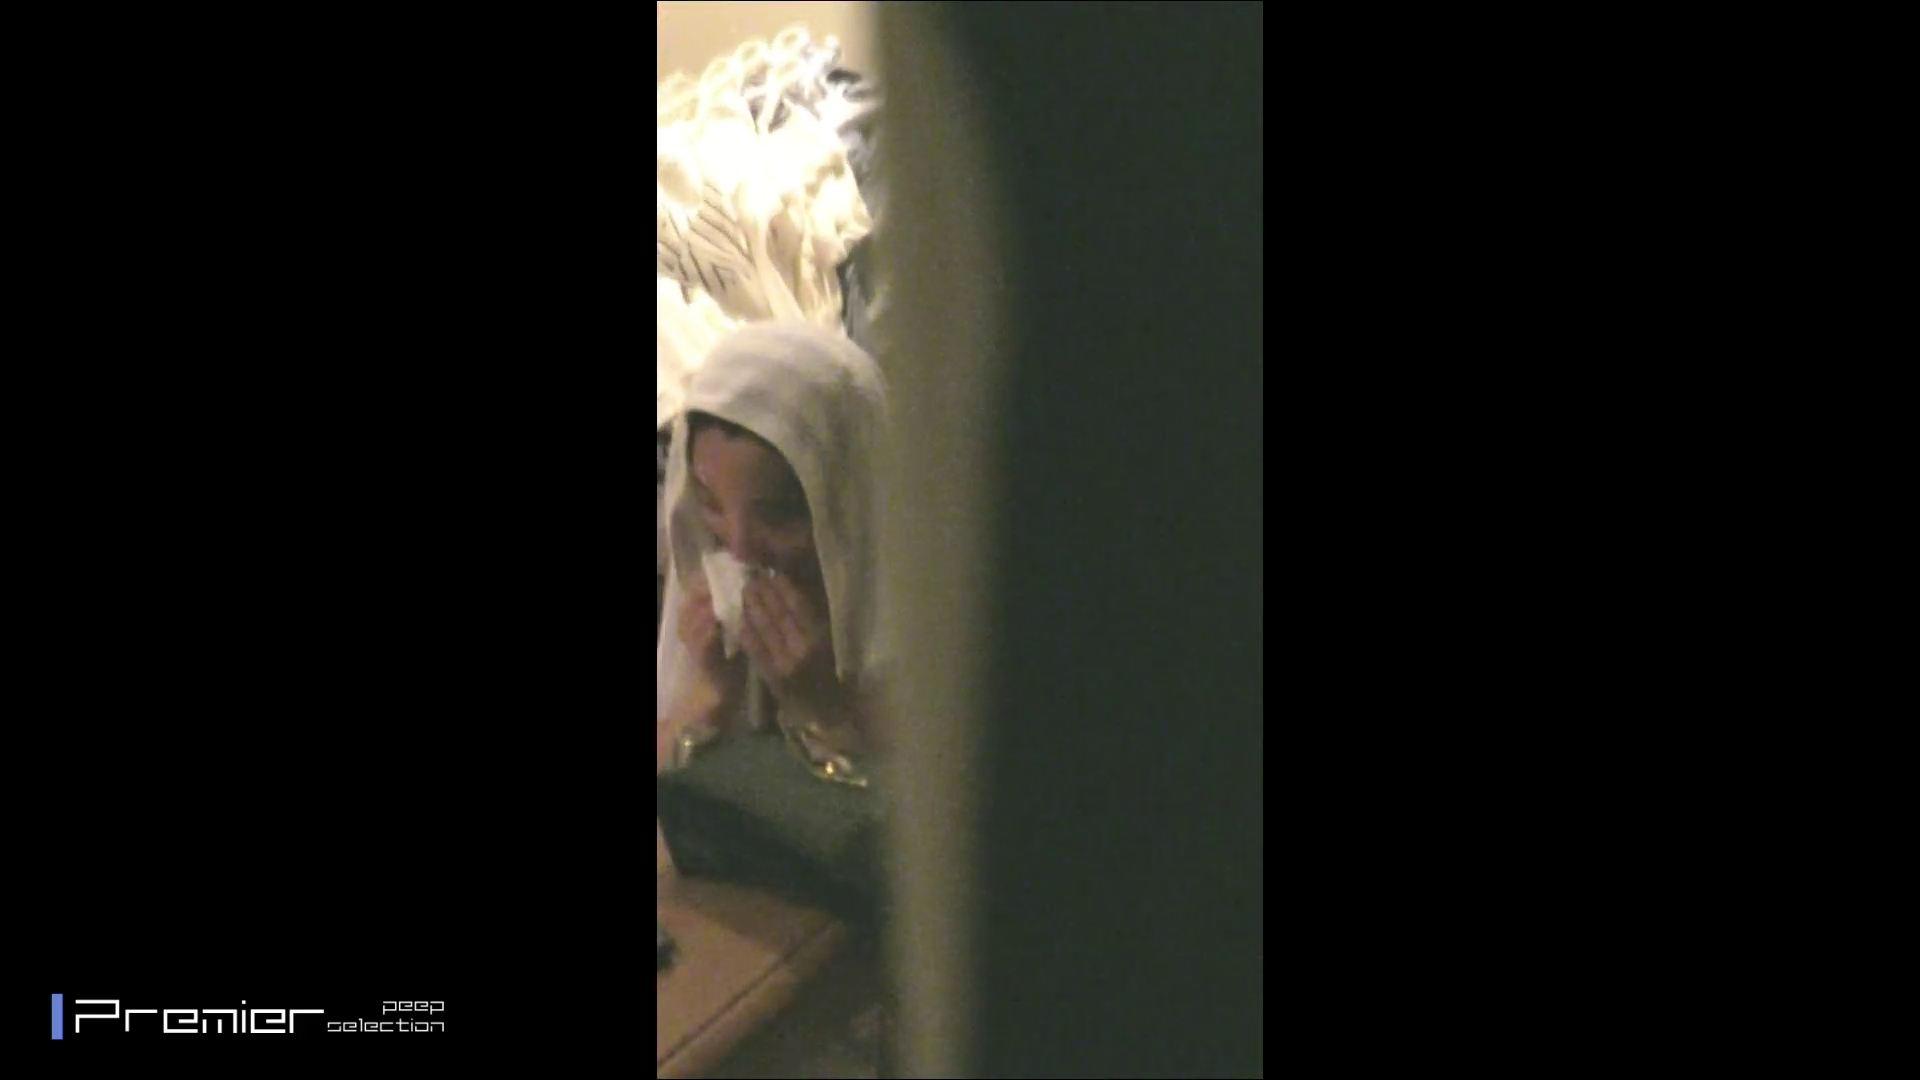 美女達の私生活に潜入!OL 達の私生活を覗き見 美乳   丸見えマンコ  105画像 52